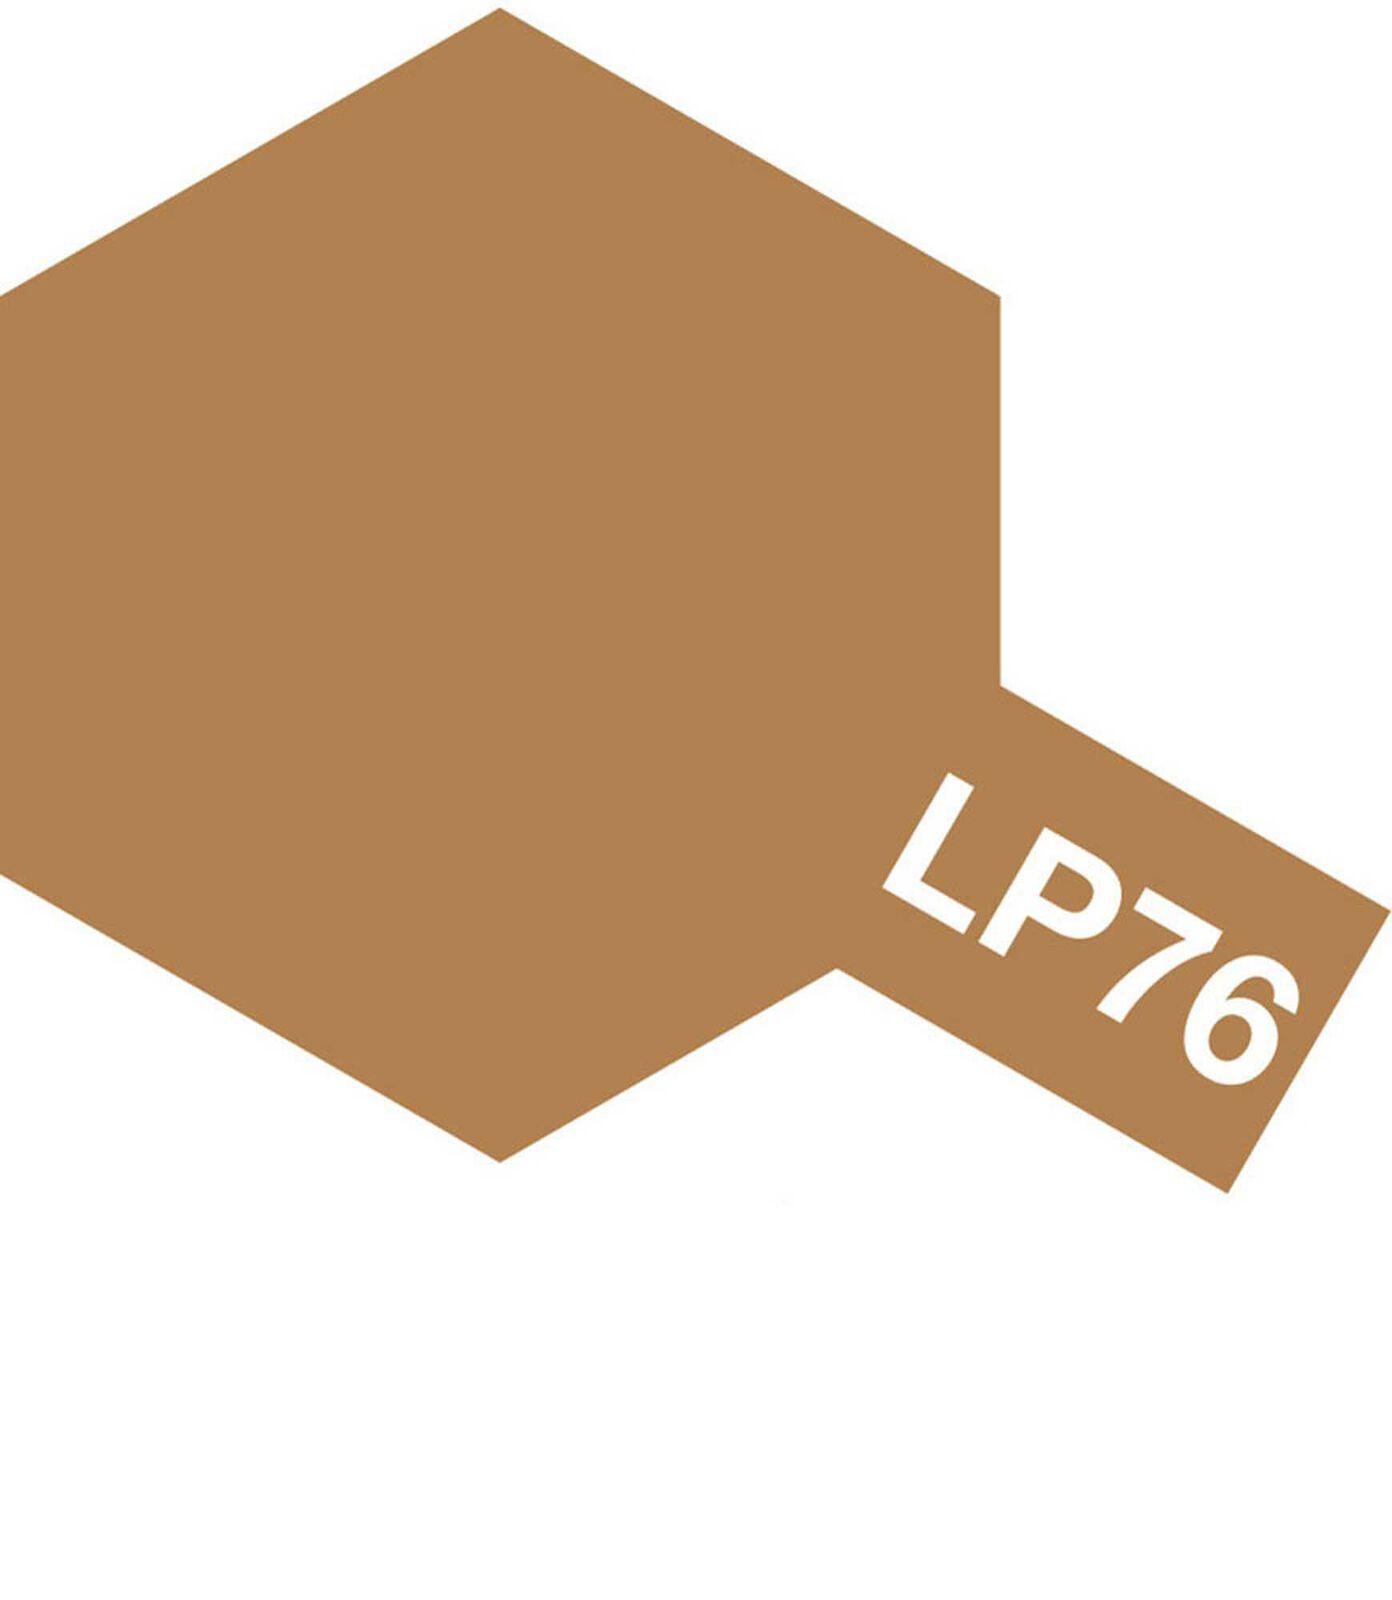 Lacquer Paint LP-76 Yellow-Brown DAK 1941